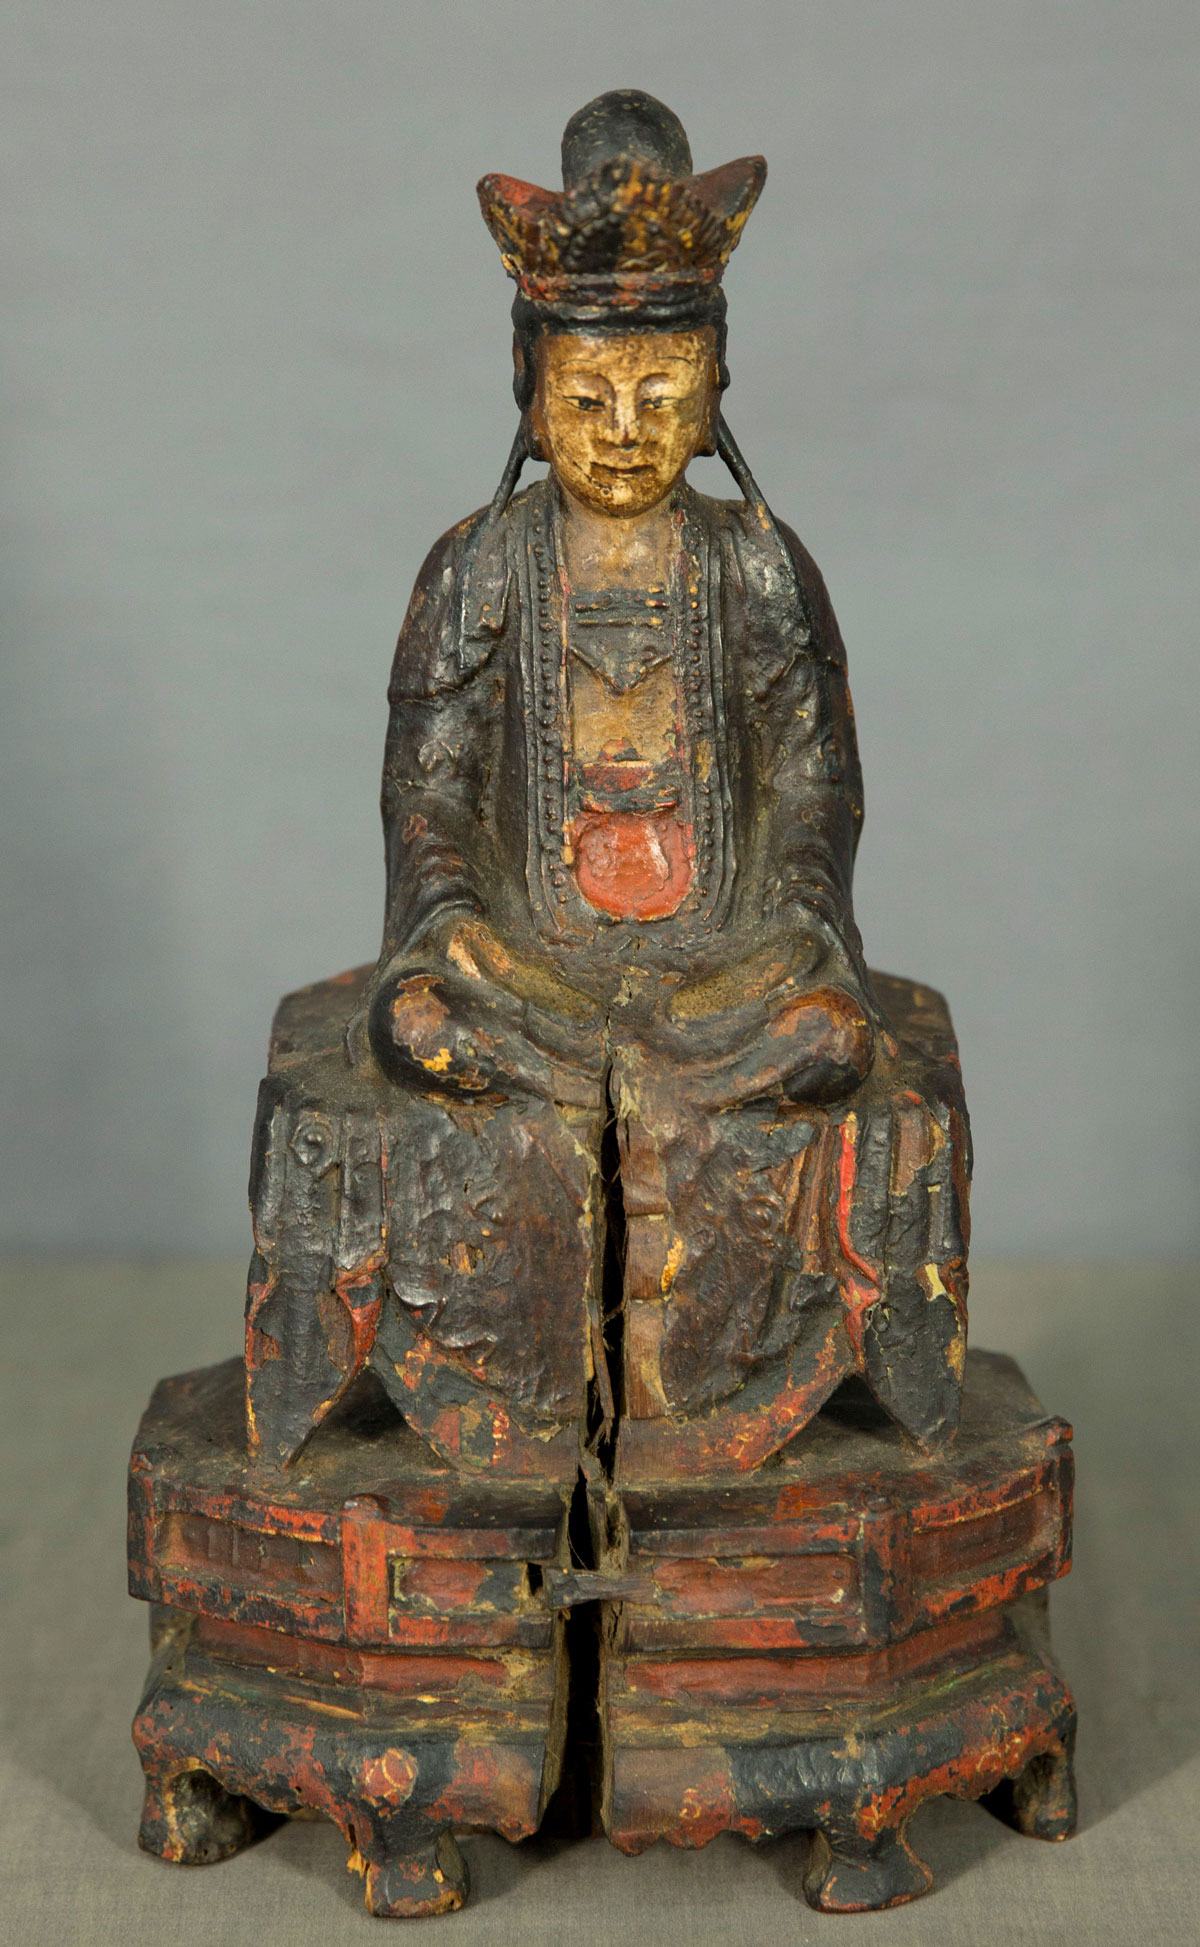 temple-figure-guanyin